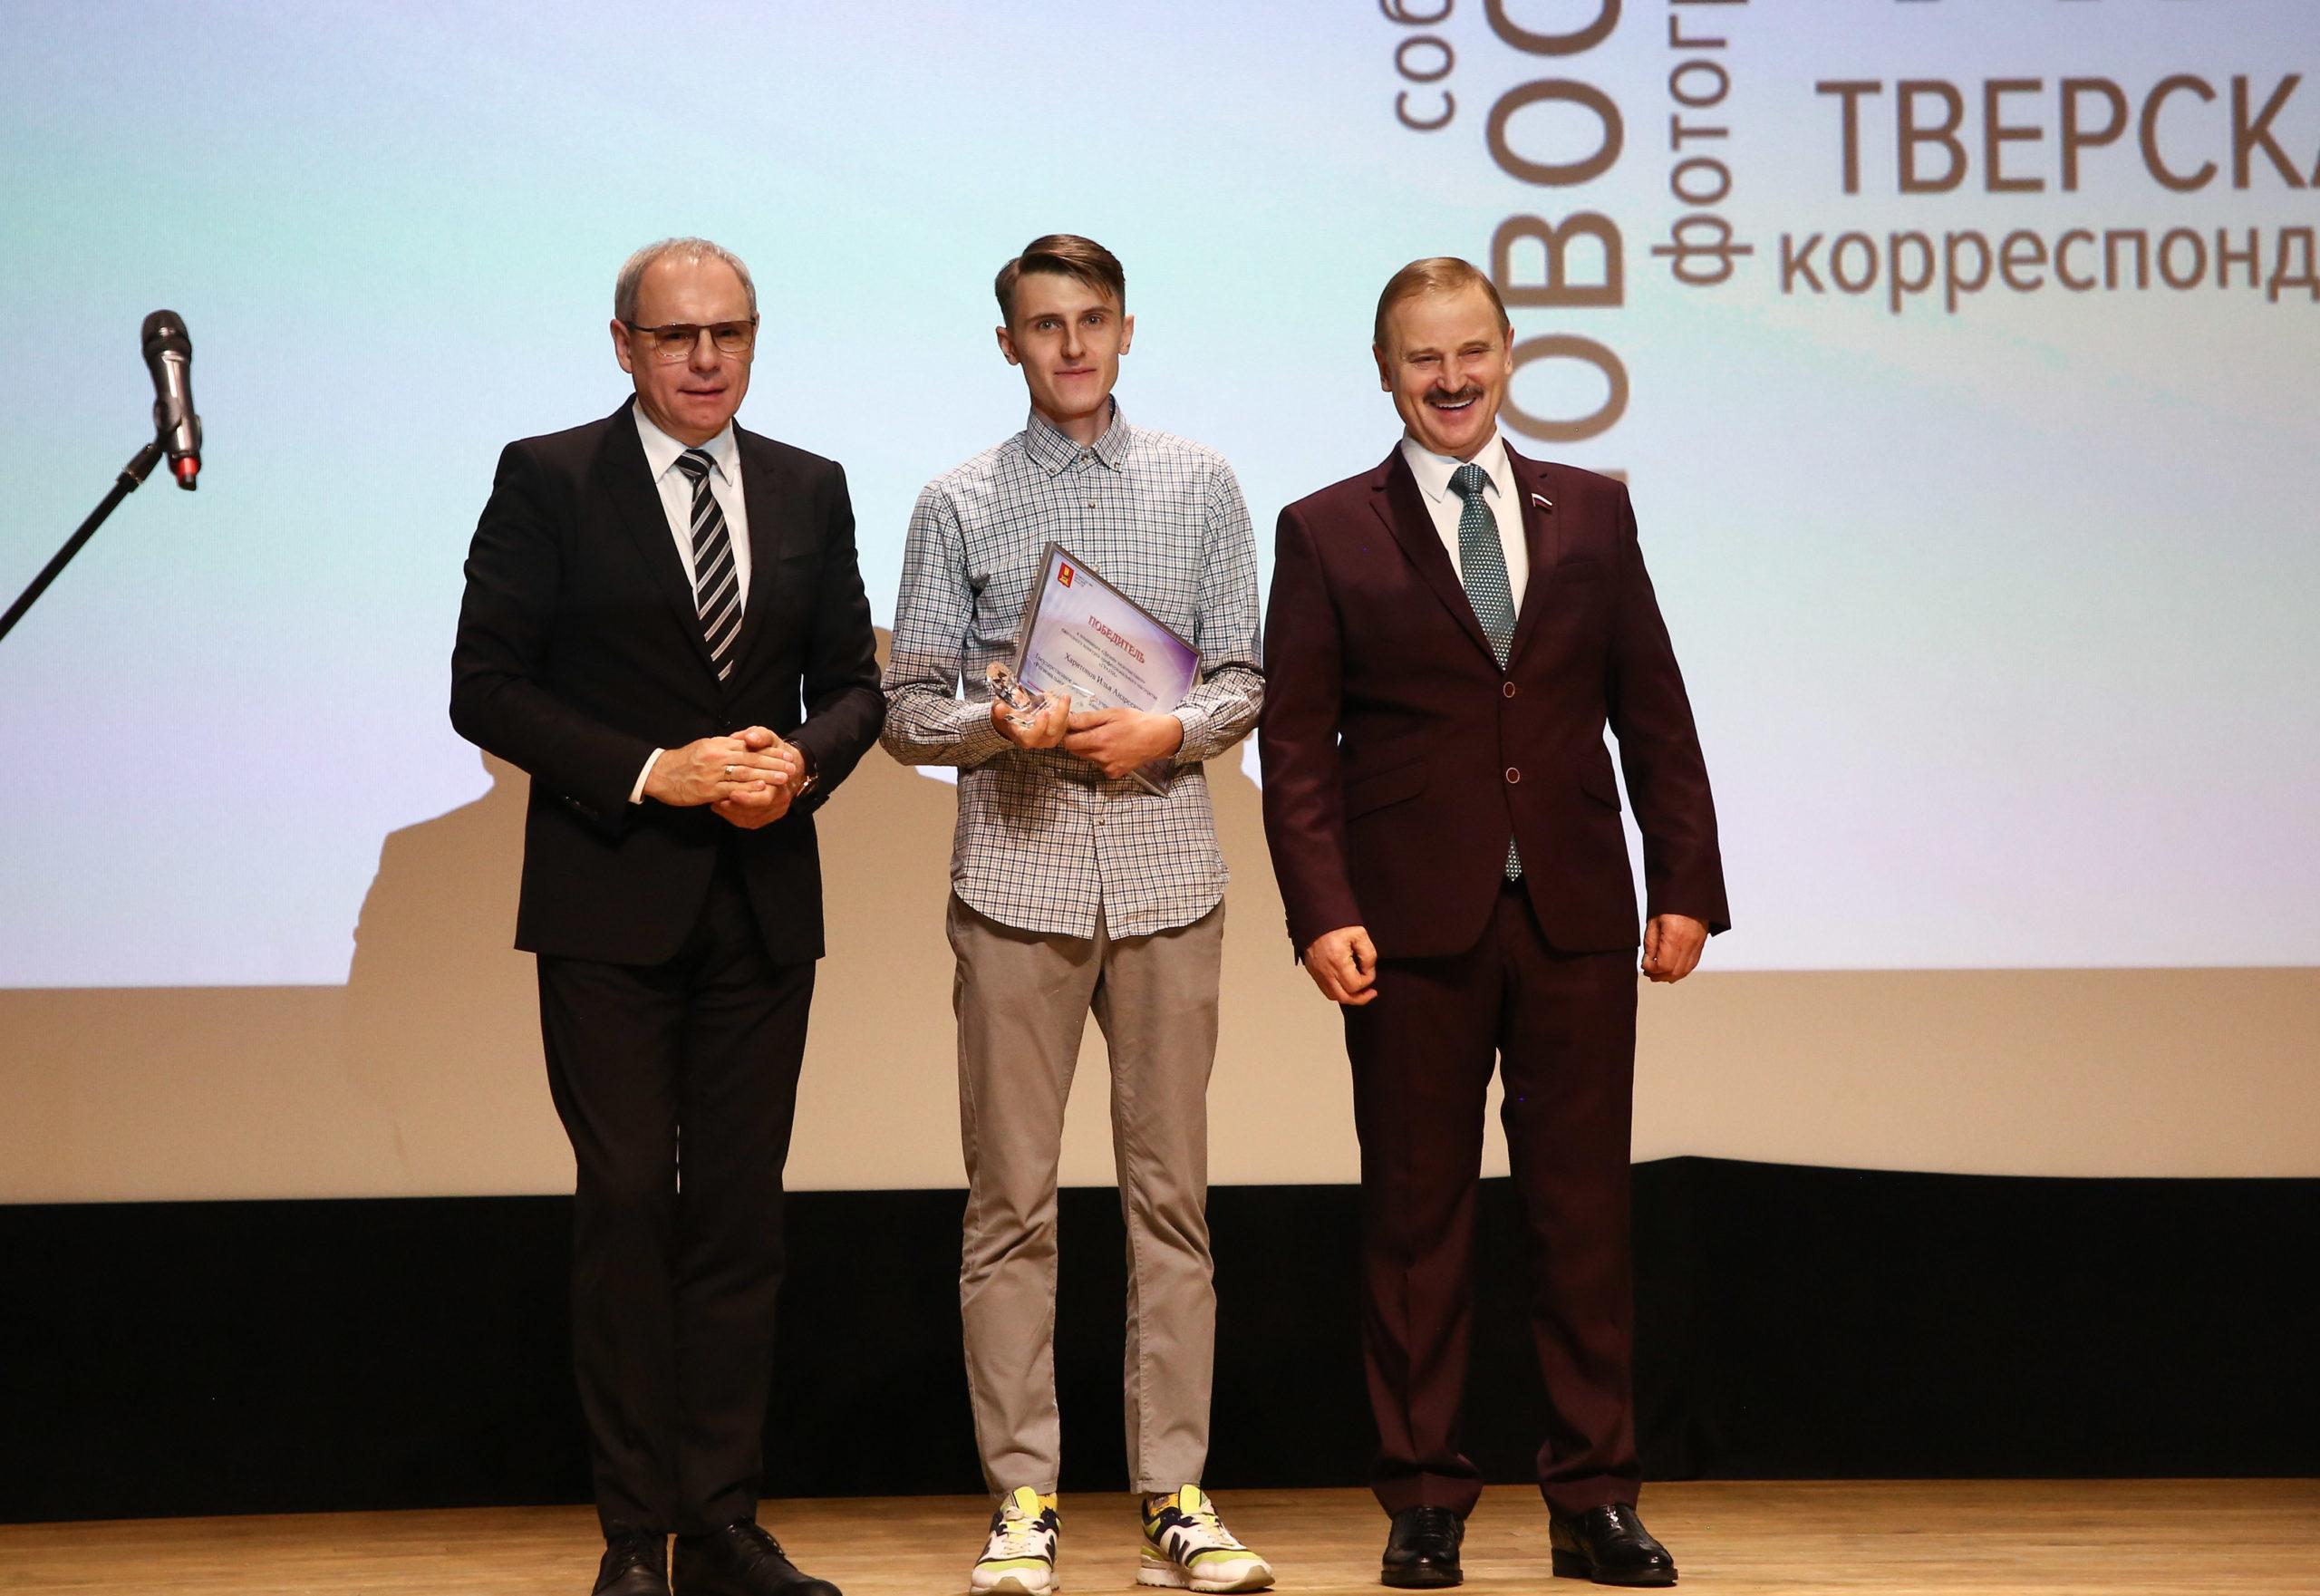 Сотрудников РИА «Верхневолжье» наградили на конкурсе «Грани» в Твери